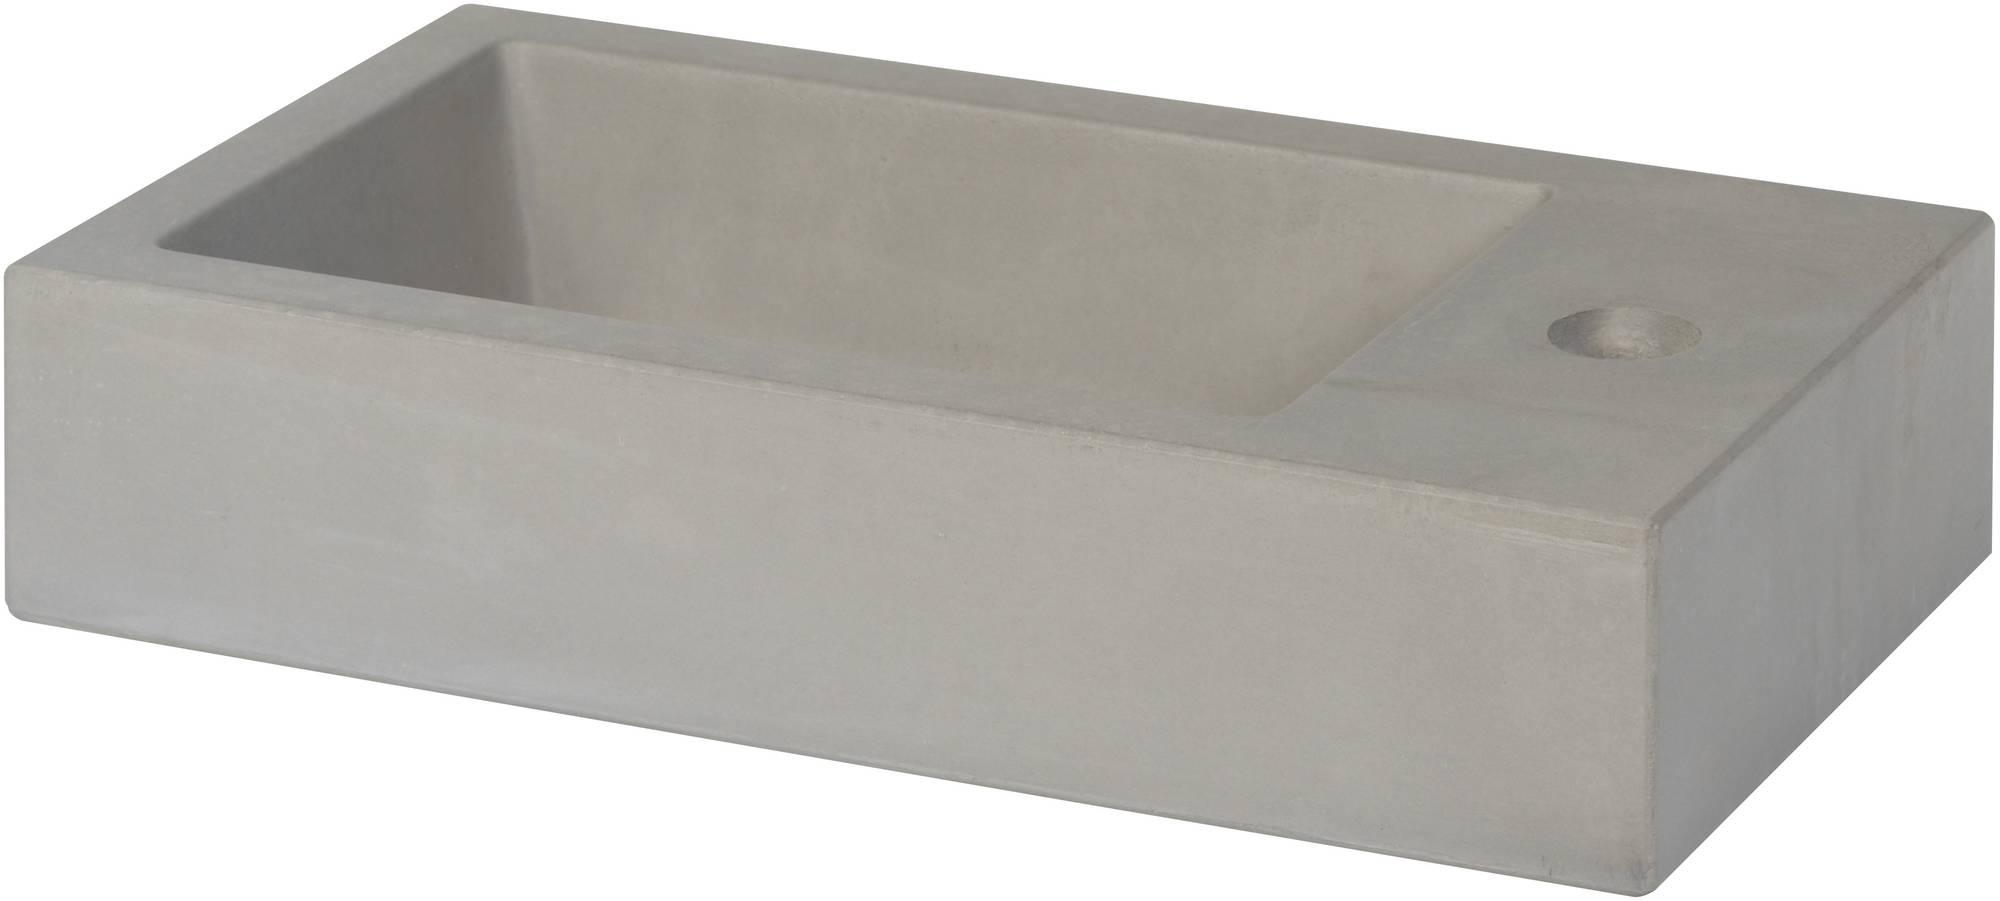 Ben Titan Fontein R 40x22,5x8,8 cm Grijs